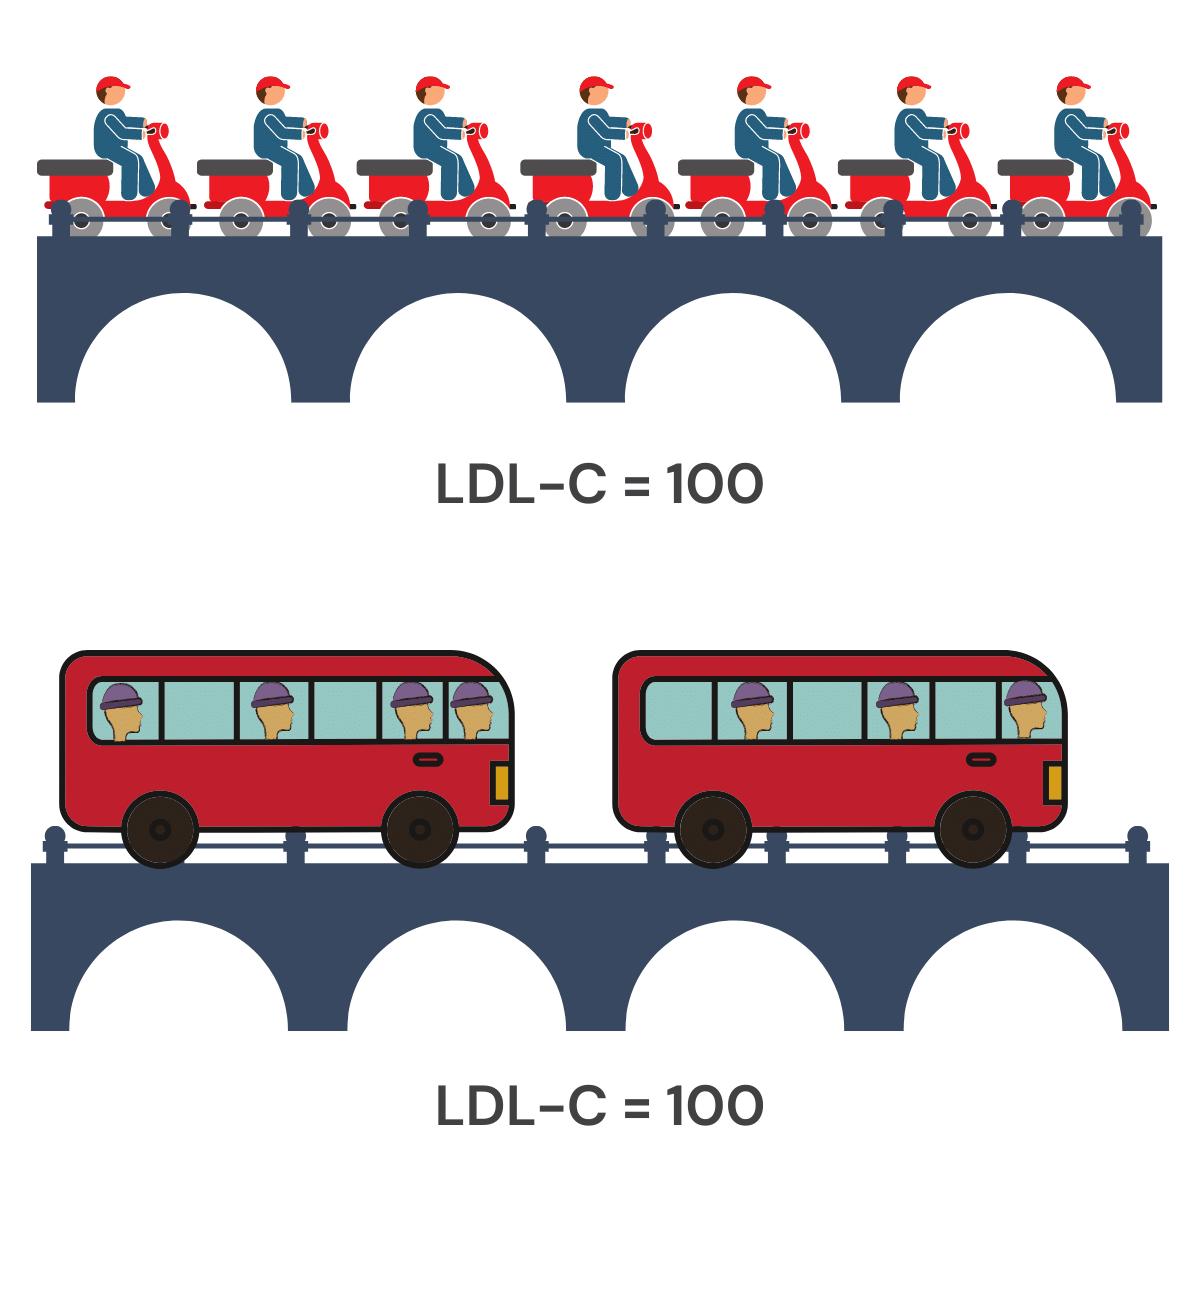 LDL Comparison